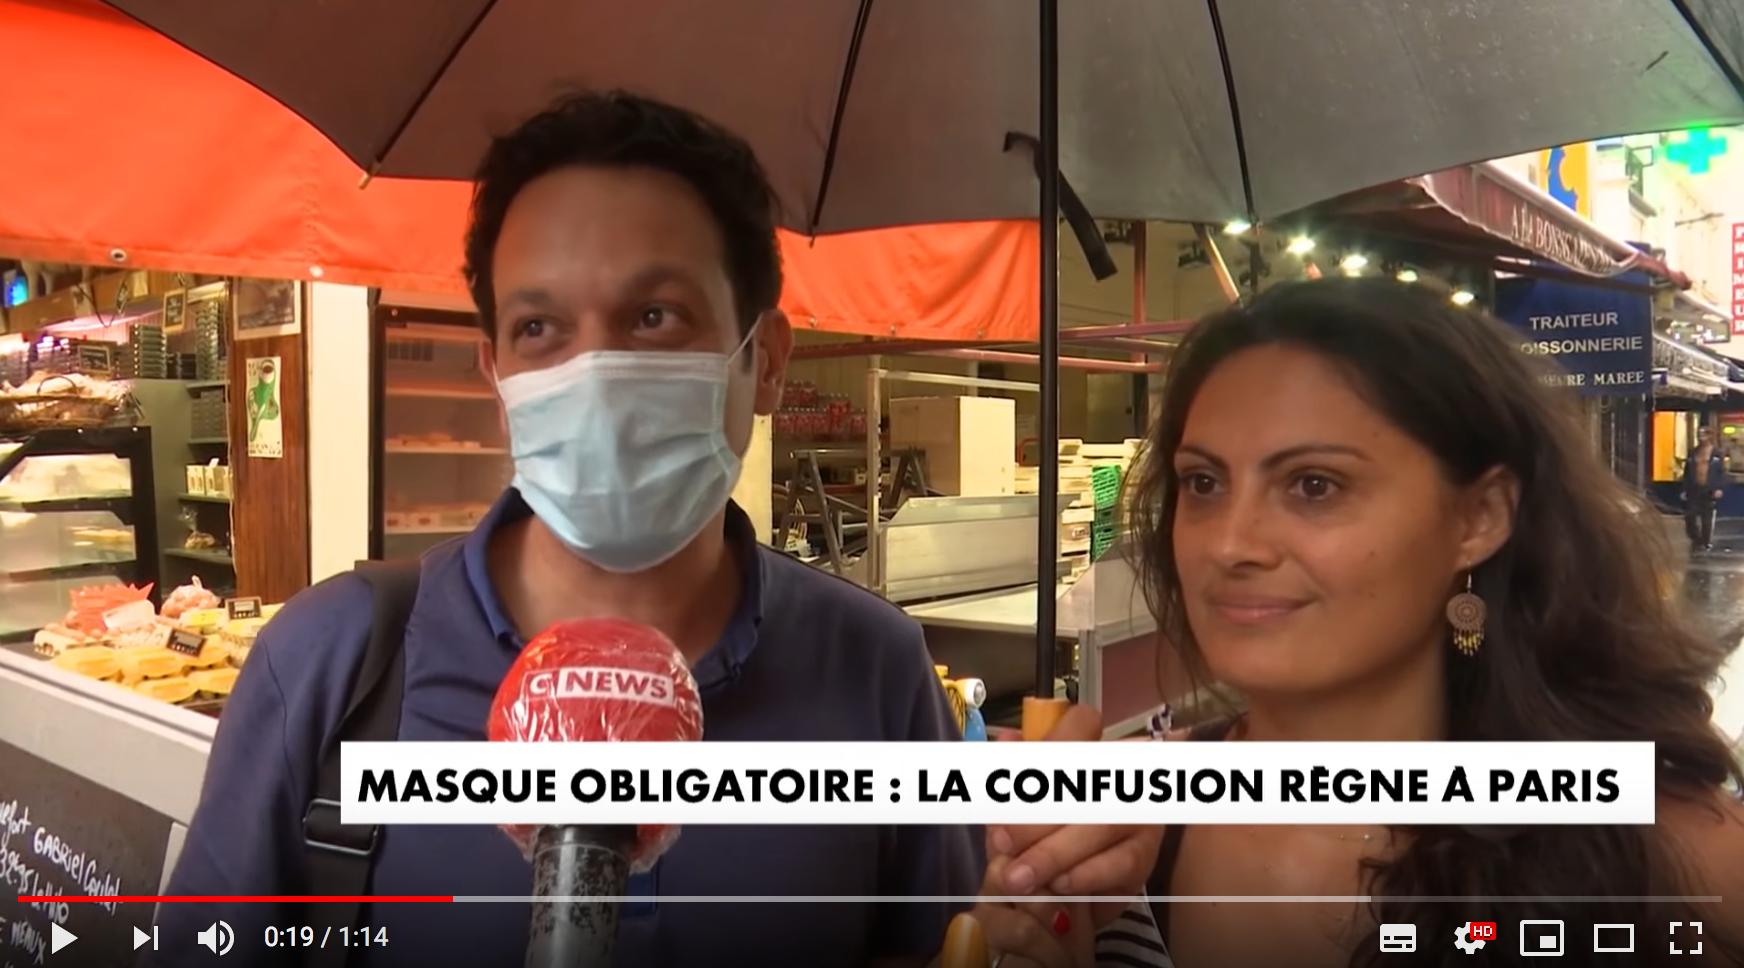 Masque obligatoire : la confusion règne à Paris (VIDÉO)